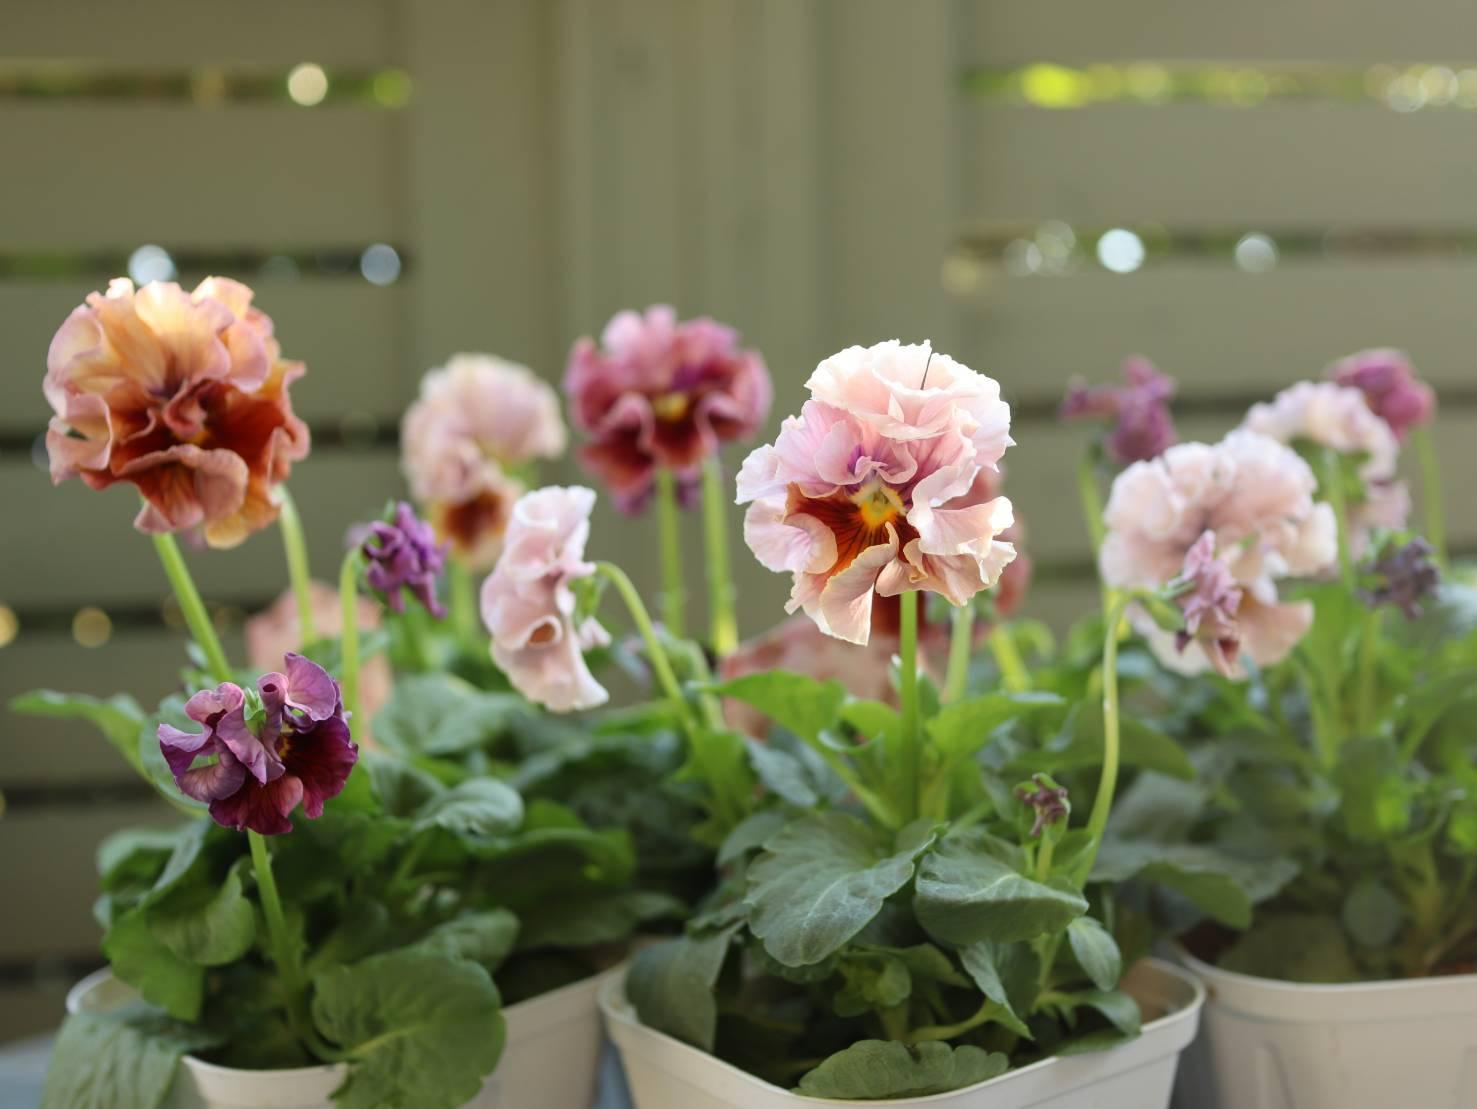 イベント出展や続々と入荷してくるお花に押され気味の日々_b0137969_06191204.jpeg